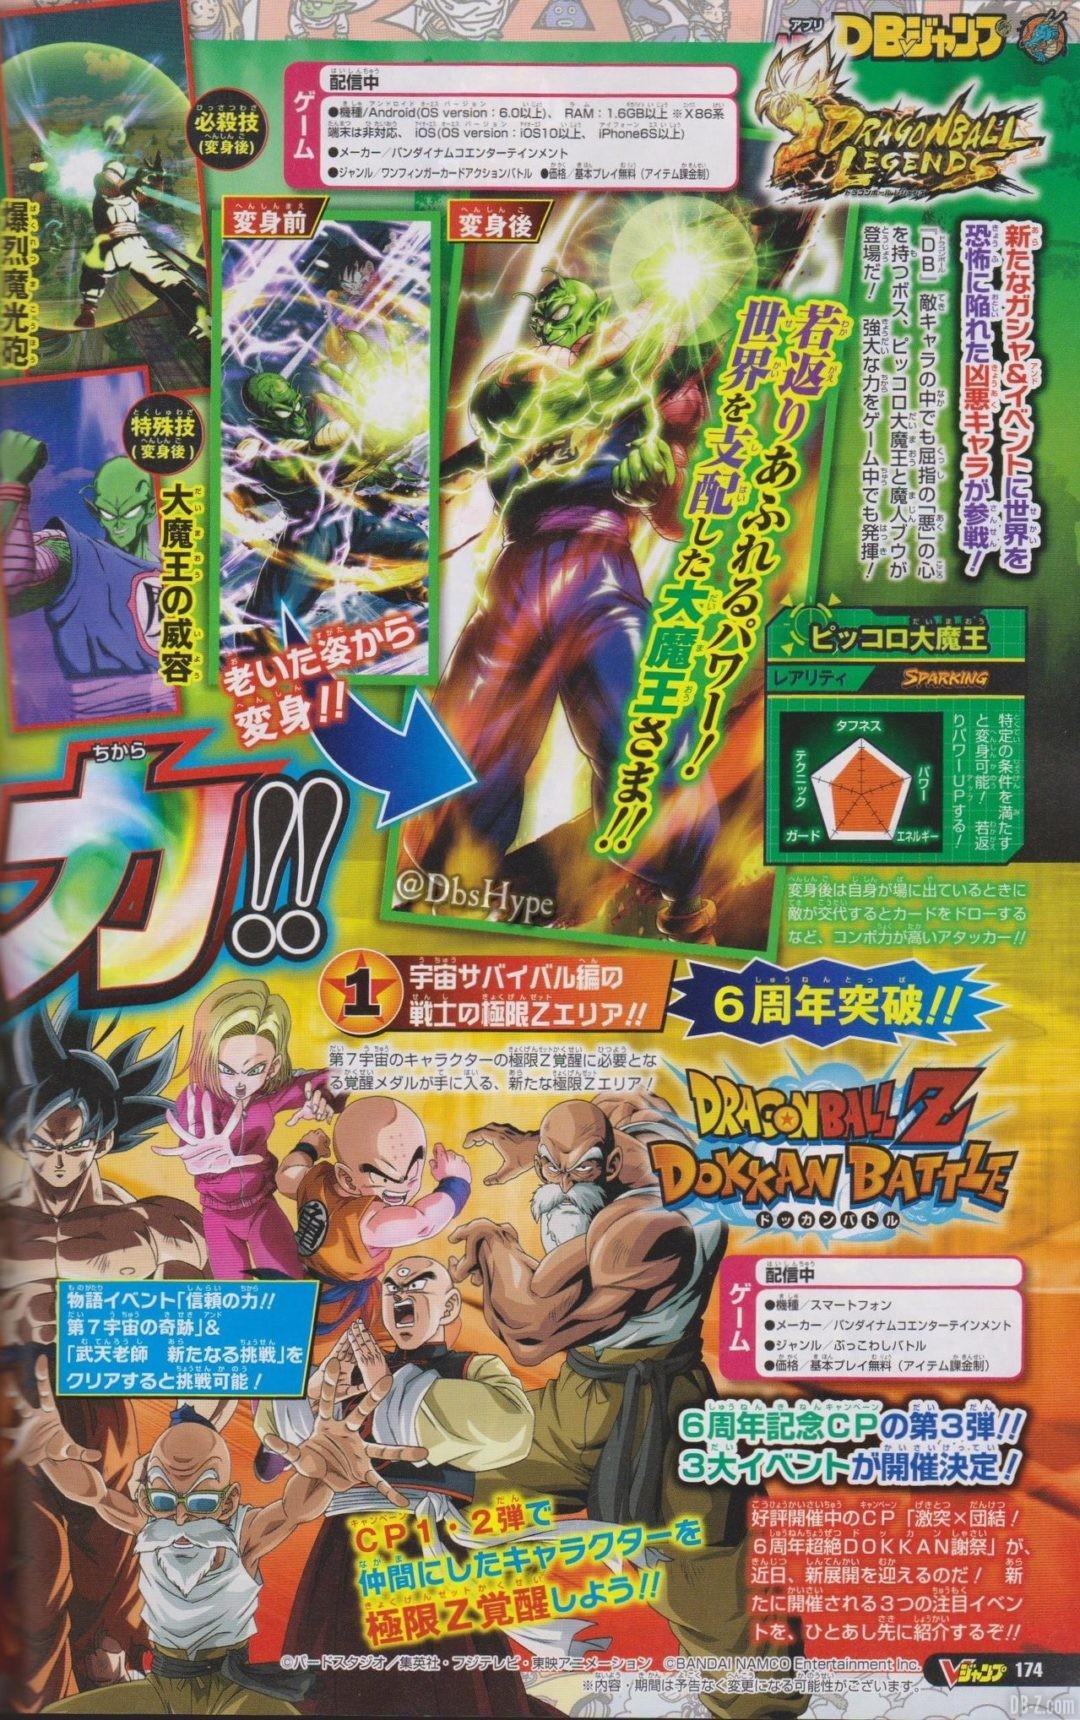 VJump-Dragon-Ball-Legends-Dokkan-Battle-2